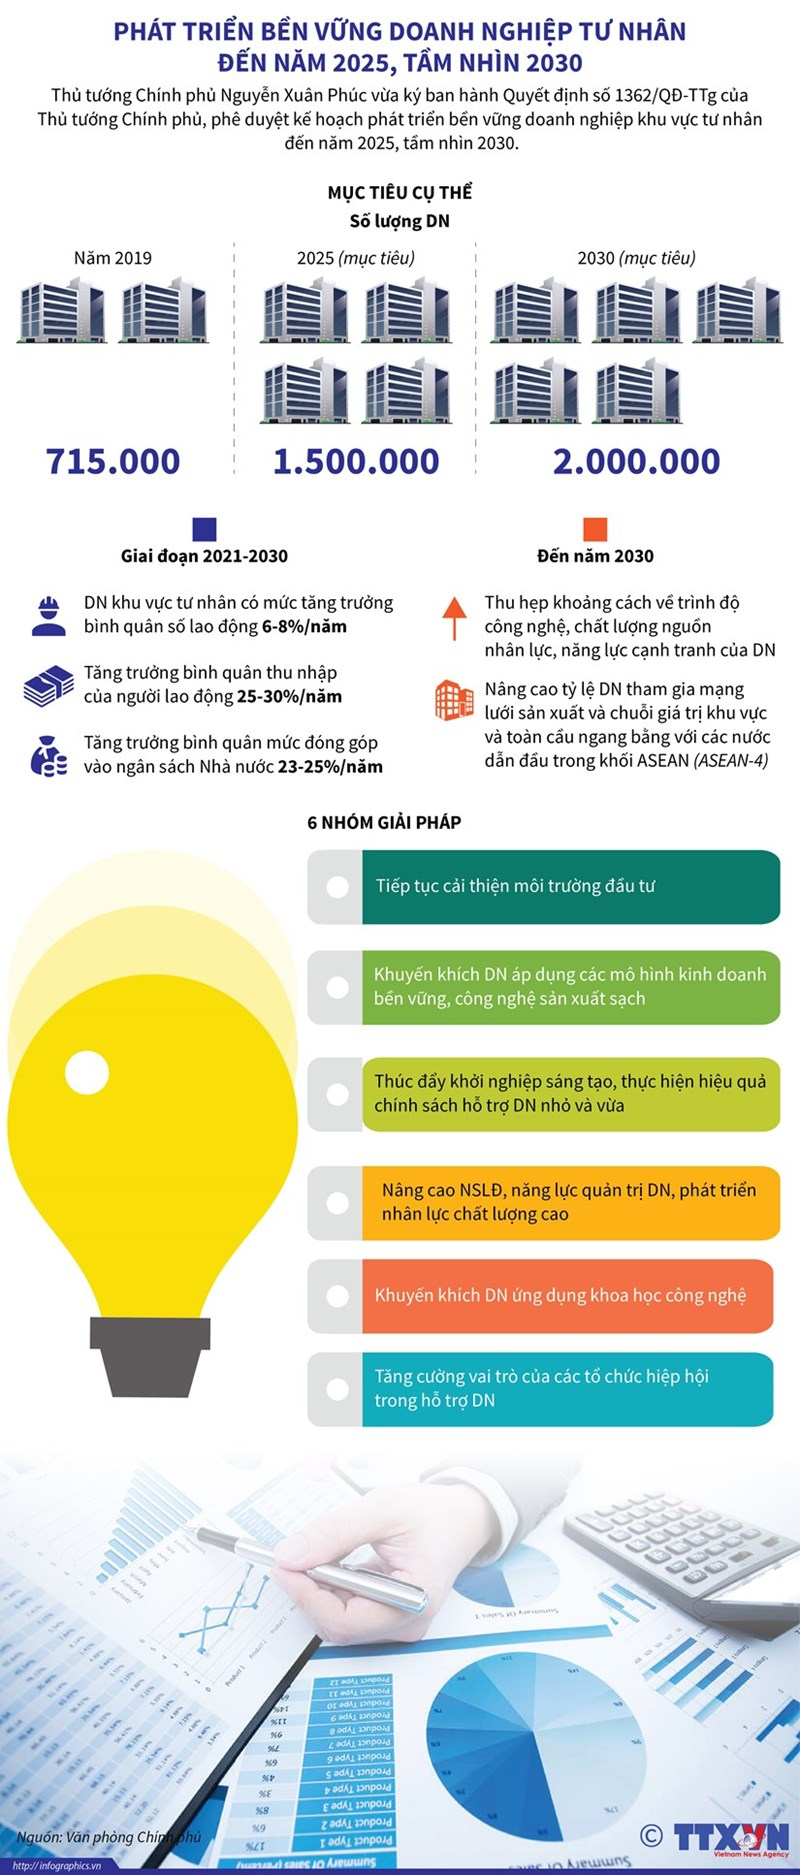 [Infographics] Phát triển bền vững doanh nghiệp tư nhân đến năm 2025 tầm nhìn 2030 - Ảnh 1